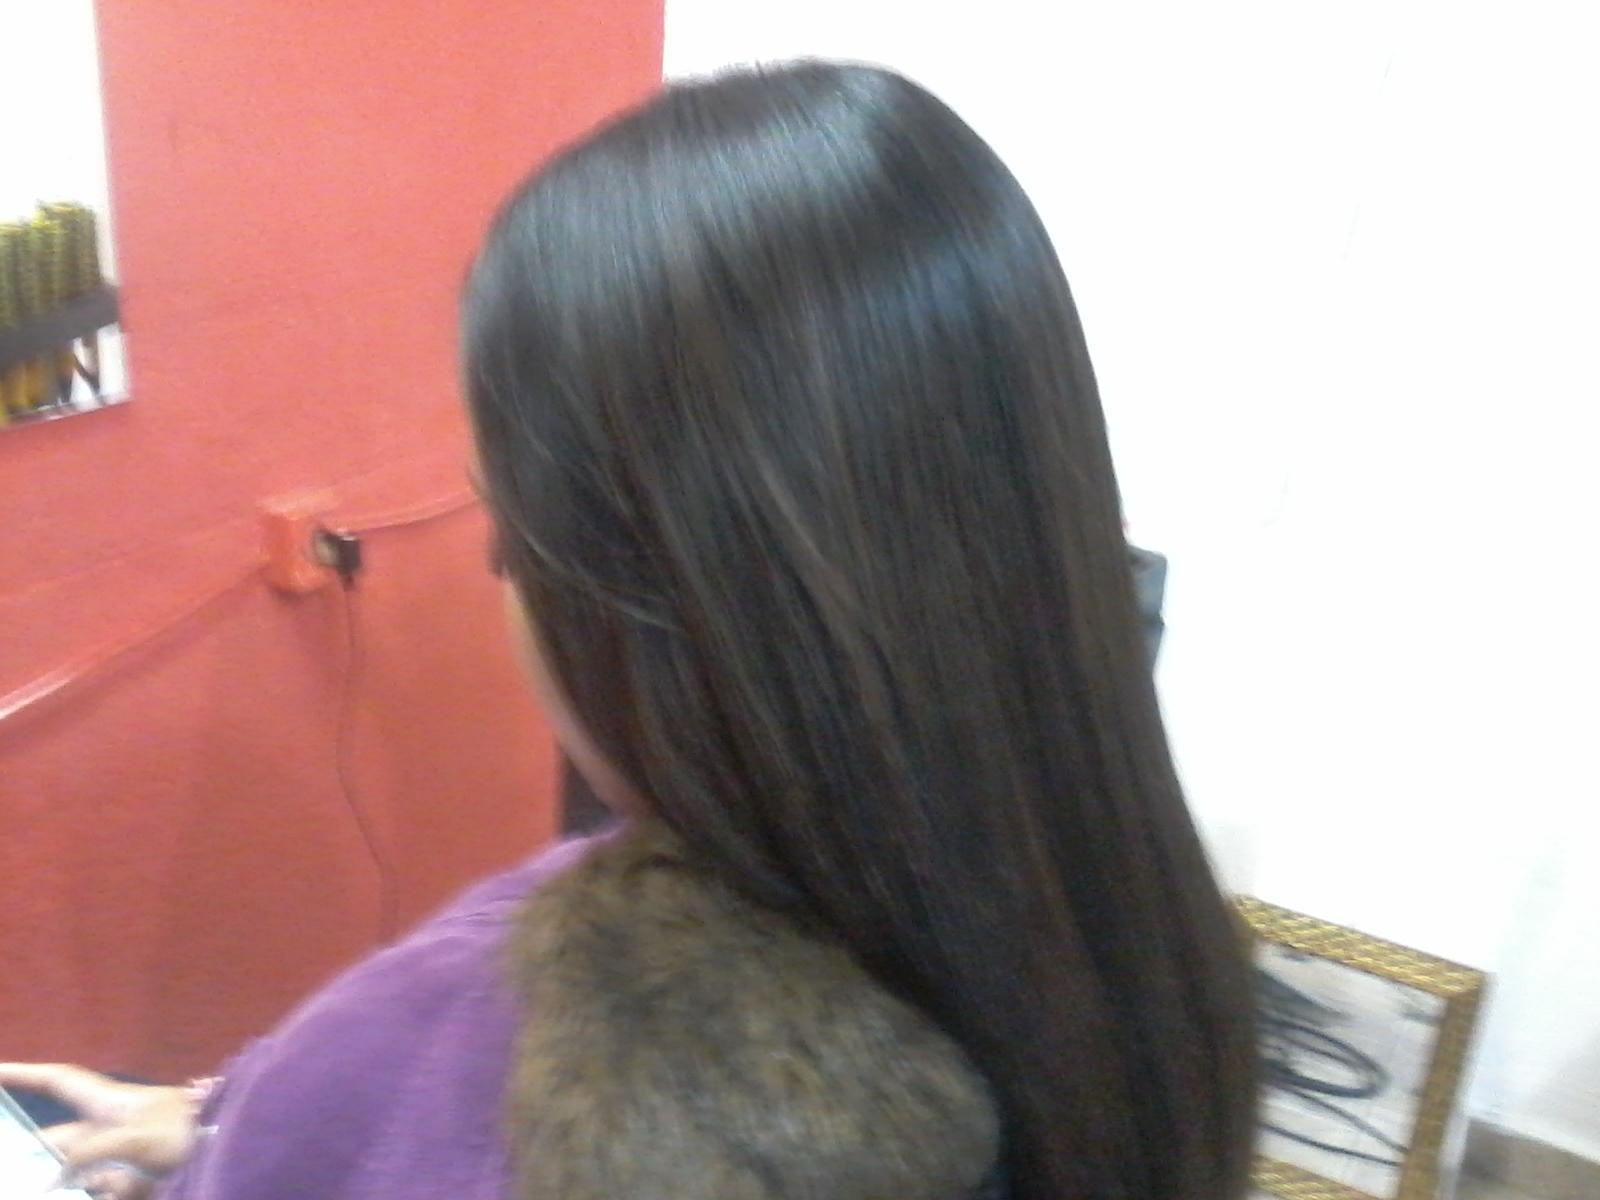 progressiva pronta Depois de seco passo o produto seco e prancho o efeito depois de lavado e seco cabeleireiro(a)